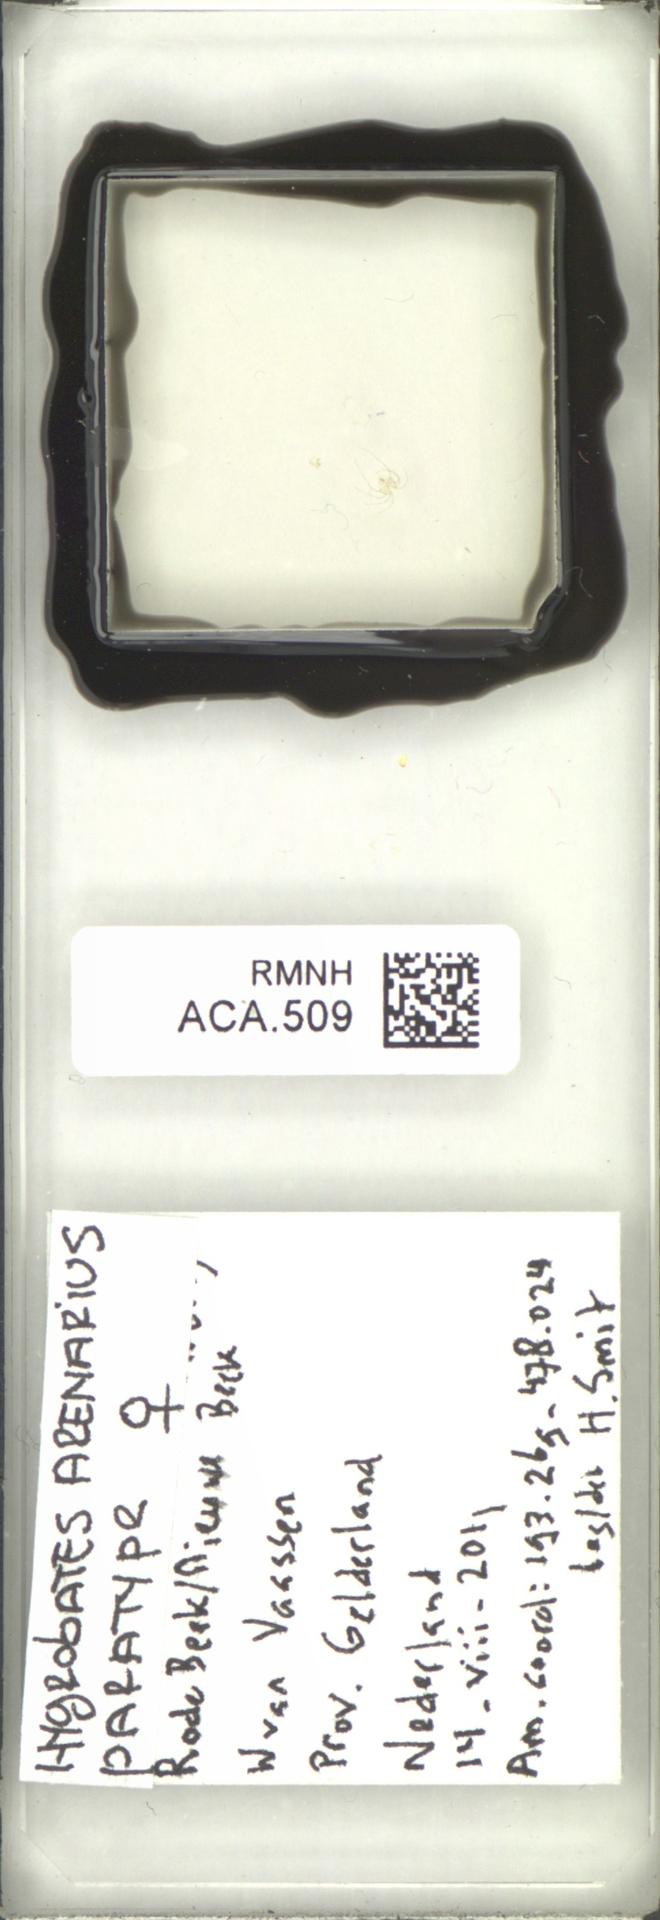 RMNH.ACA.509 | Hygrobates arenarius Smit & Pešić, 2017